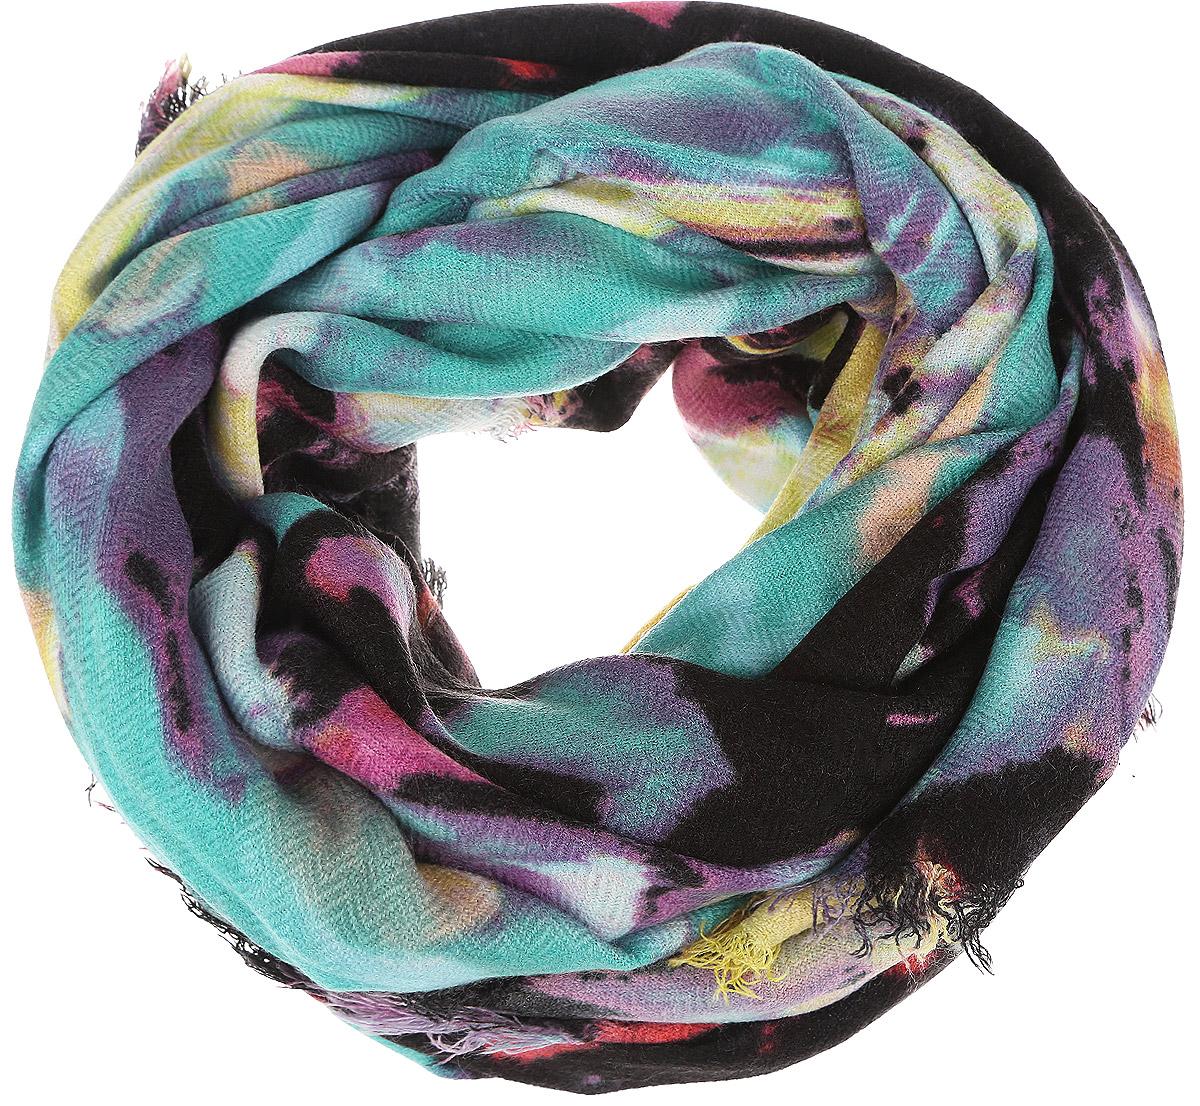 ШарфB315_MulticolorМодный женский шарф Baon подарит вам уют и станет стильным аксессуаром, который призван подчеркнуть вашу индивидуальность и женственность. Теплый шарф выполнен из вискозы с добавлением шерсти, он невероятно мягкий и приятный на ощупь. Шарф оформлен оригинальным абстрактным узором и украшен тонкой бахромой по краям. Этот модный аксессуар гармонично дополнит образ современной женщины, следящей за своим имиджем и стремящейся всегда оставаться стильной и элегантной. Такой шарф украсит любой наряд и согреет вас в непогоду, с ним вы всегда будете выглядеть изысканно и оригинально.